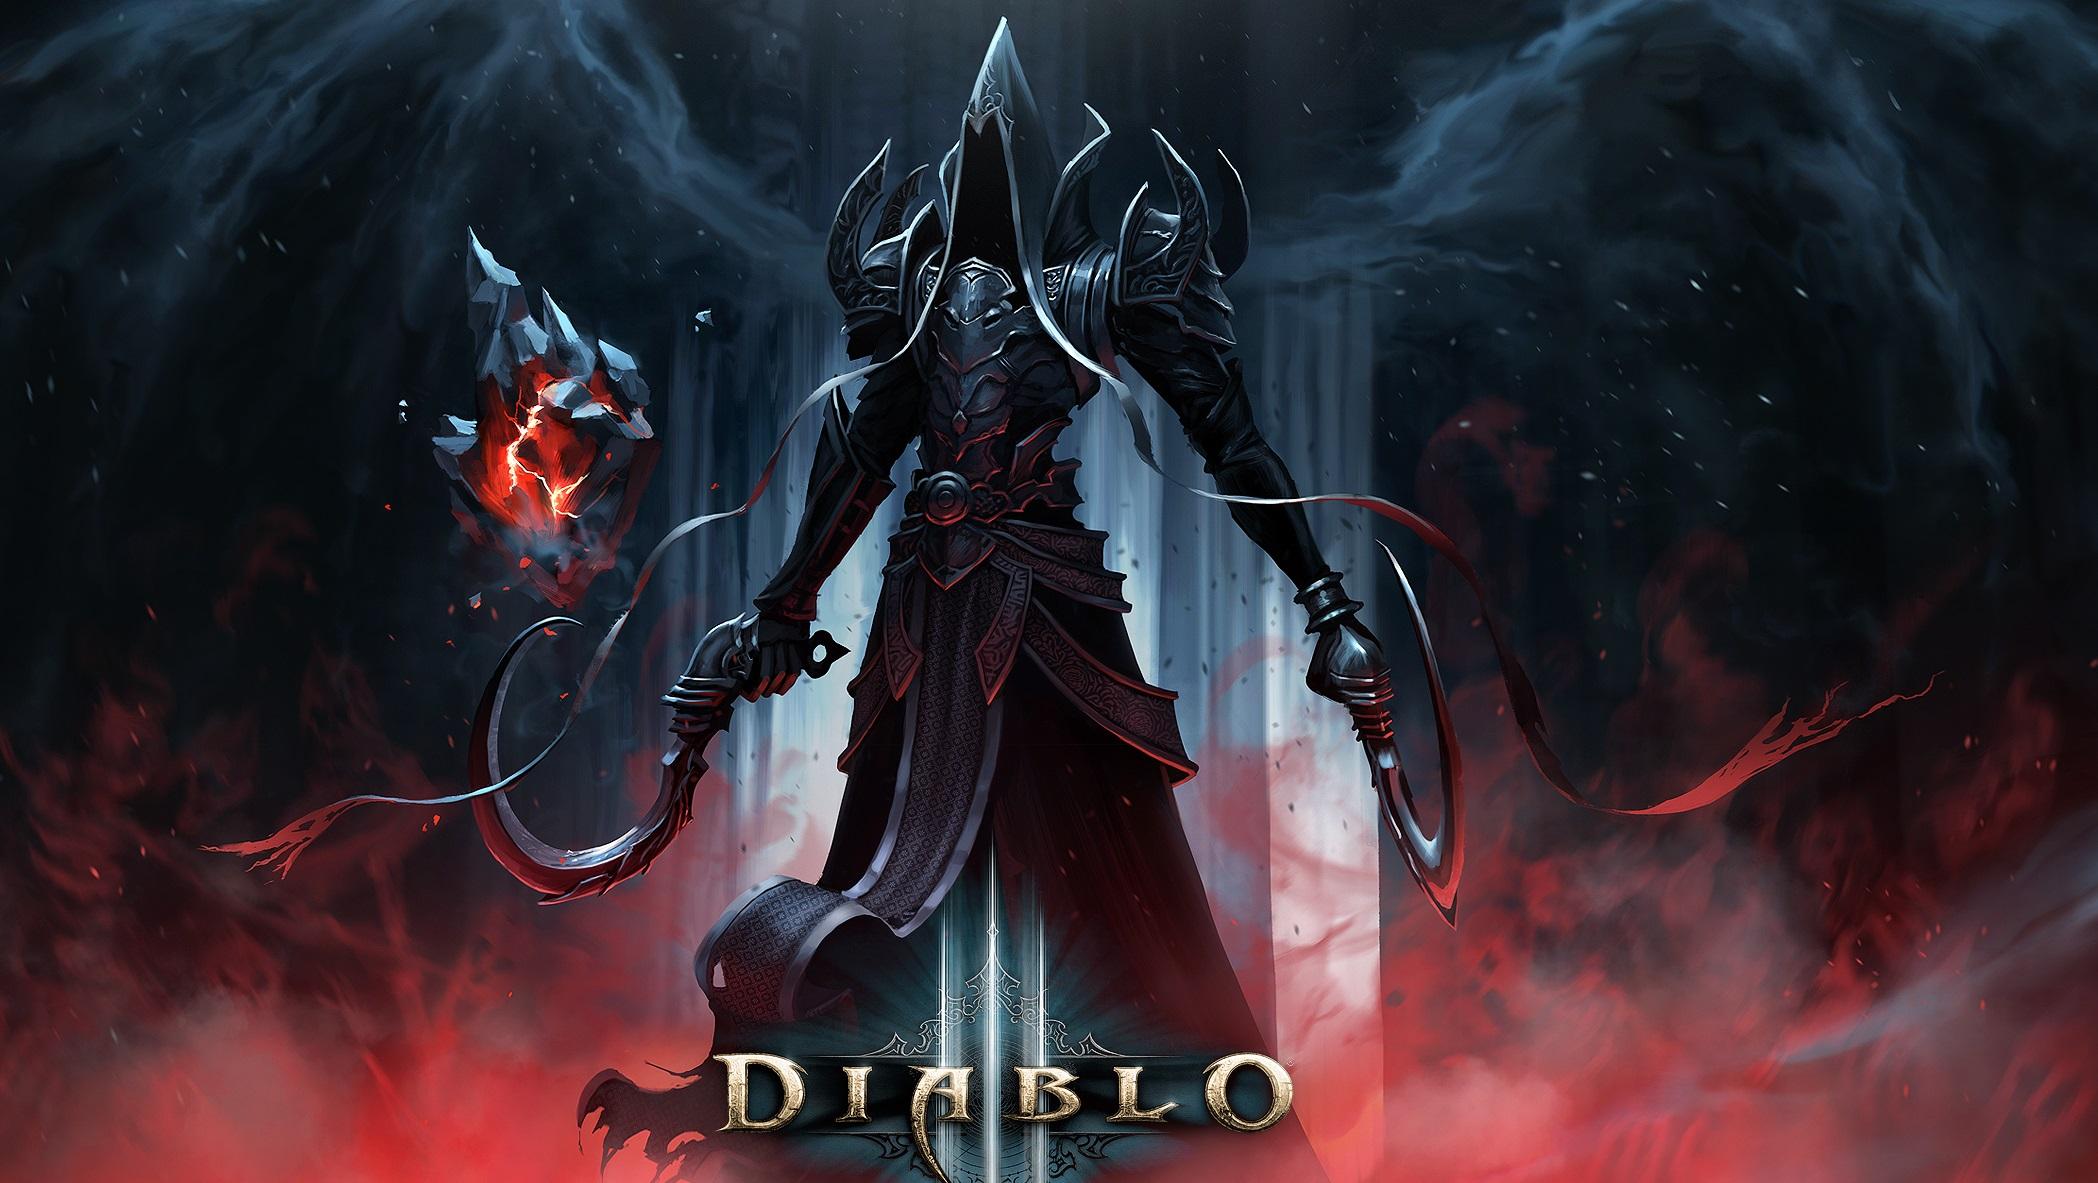 Diablo 3 update